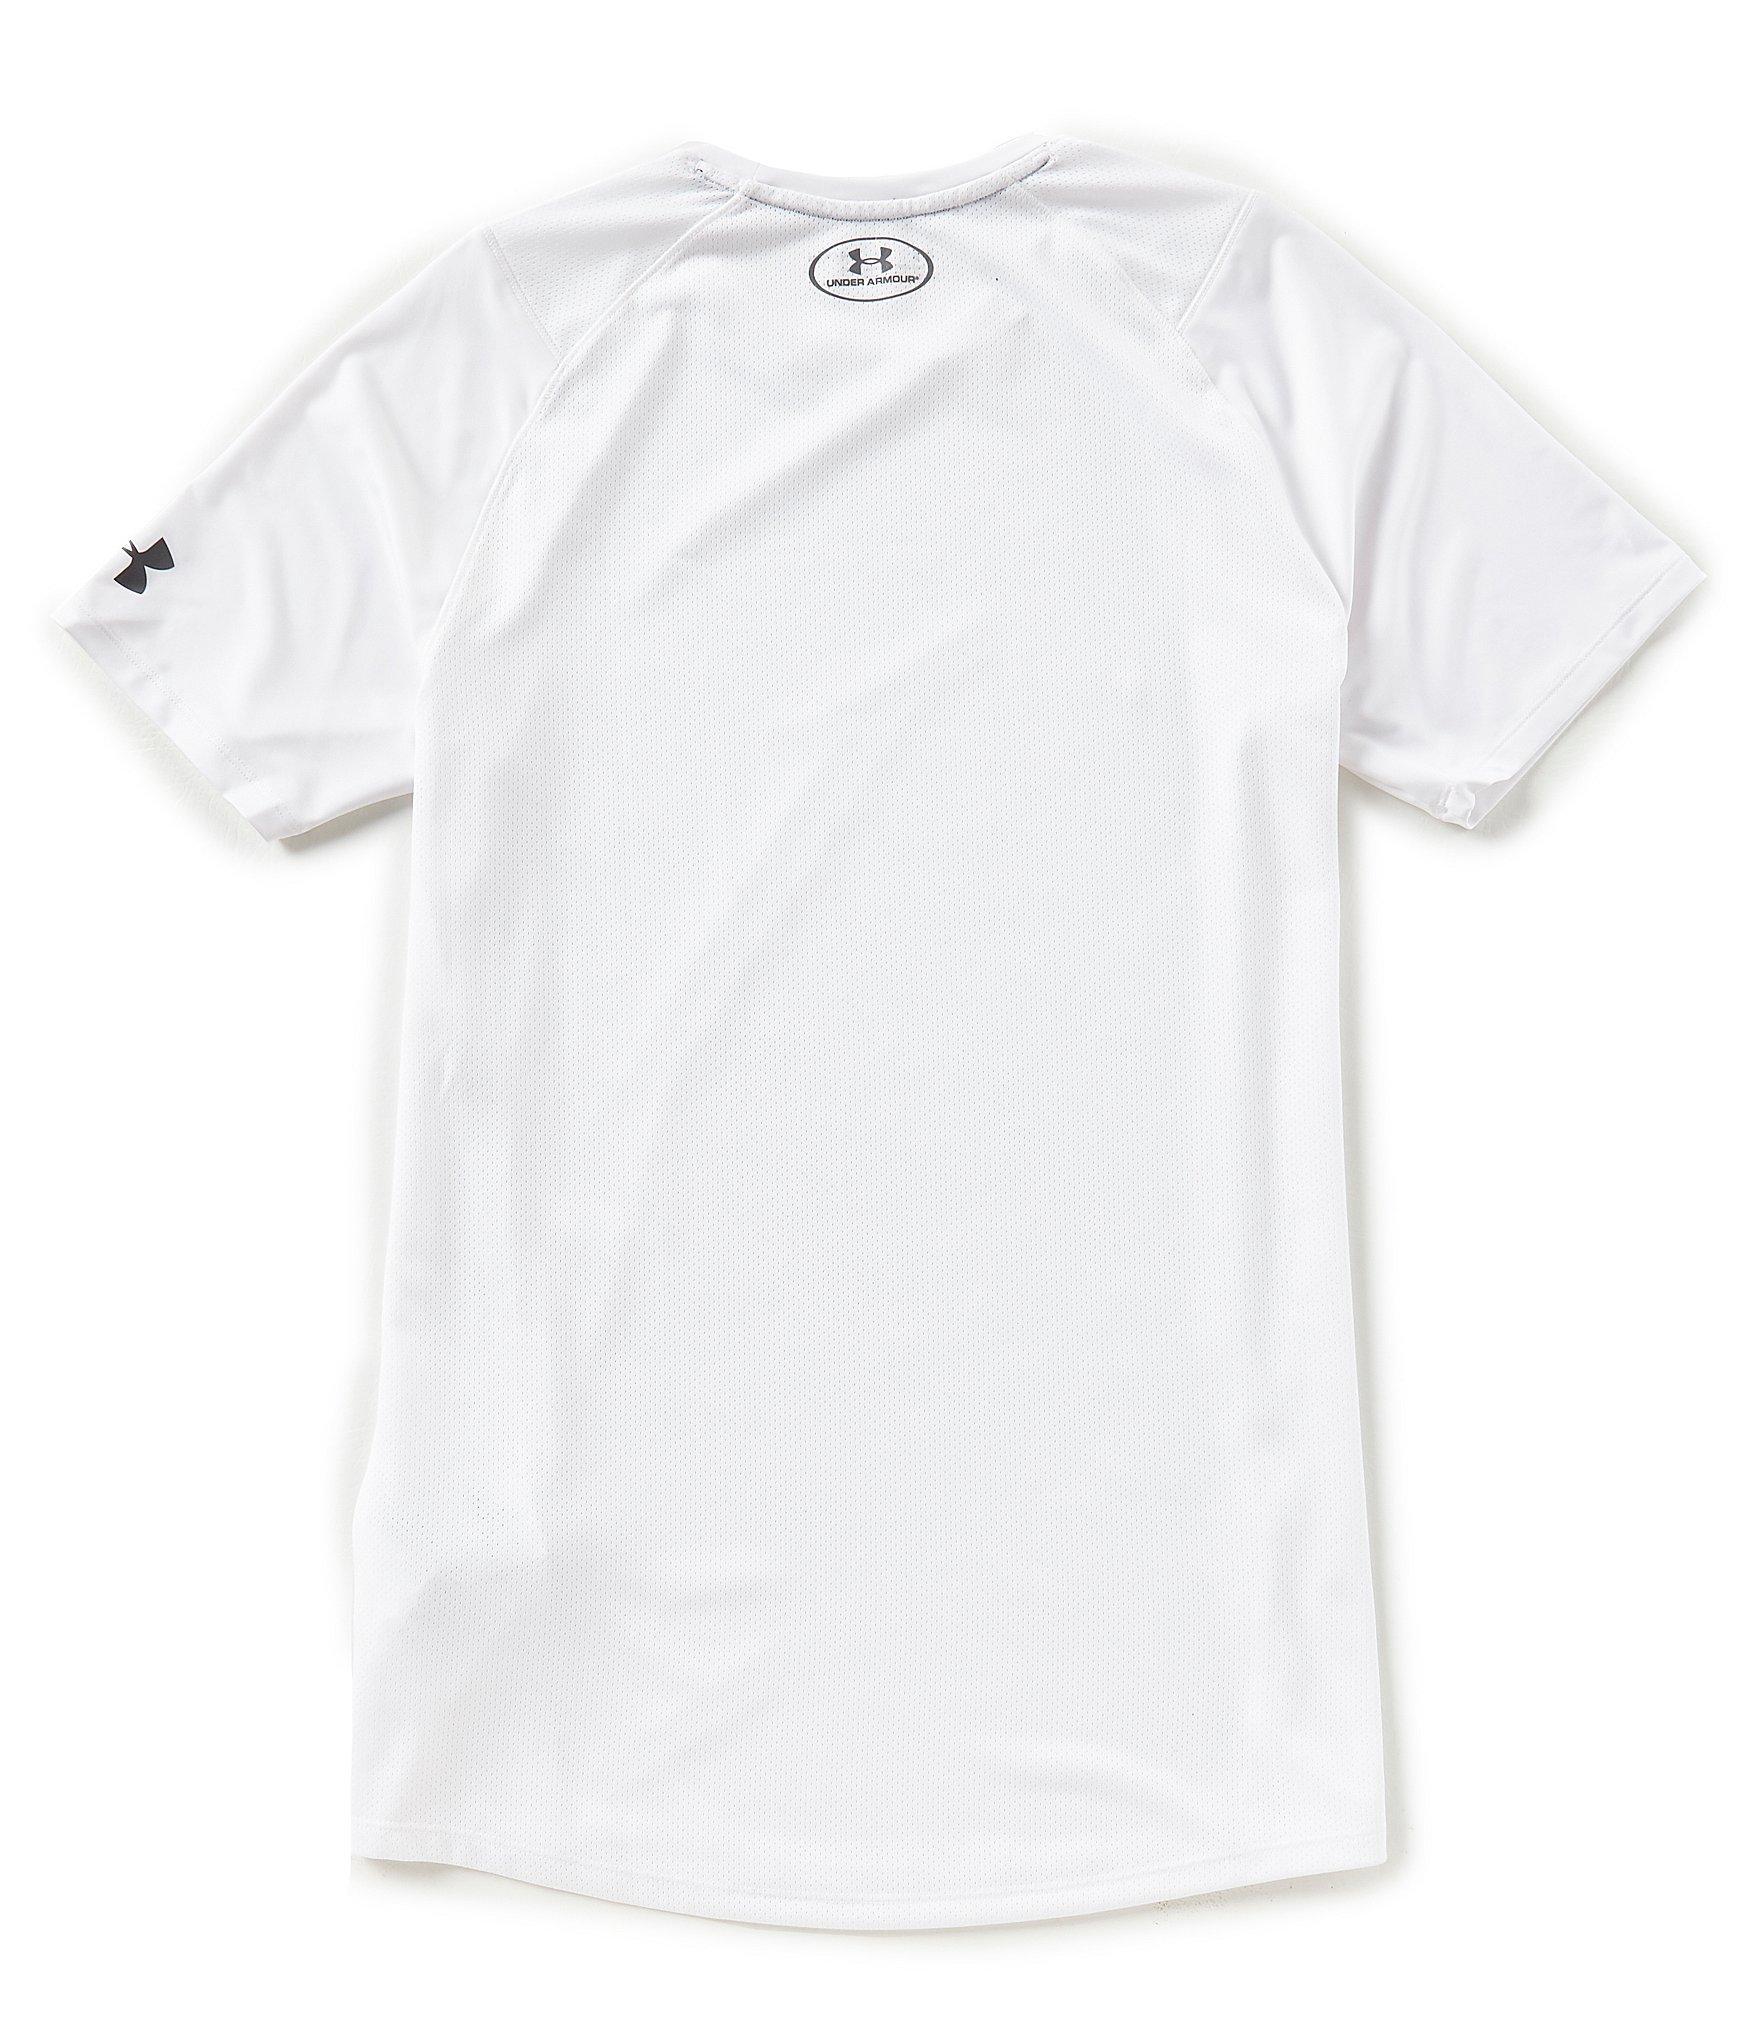 Under Armour Heatgear Tactical T Shirt Oliv